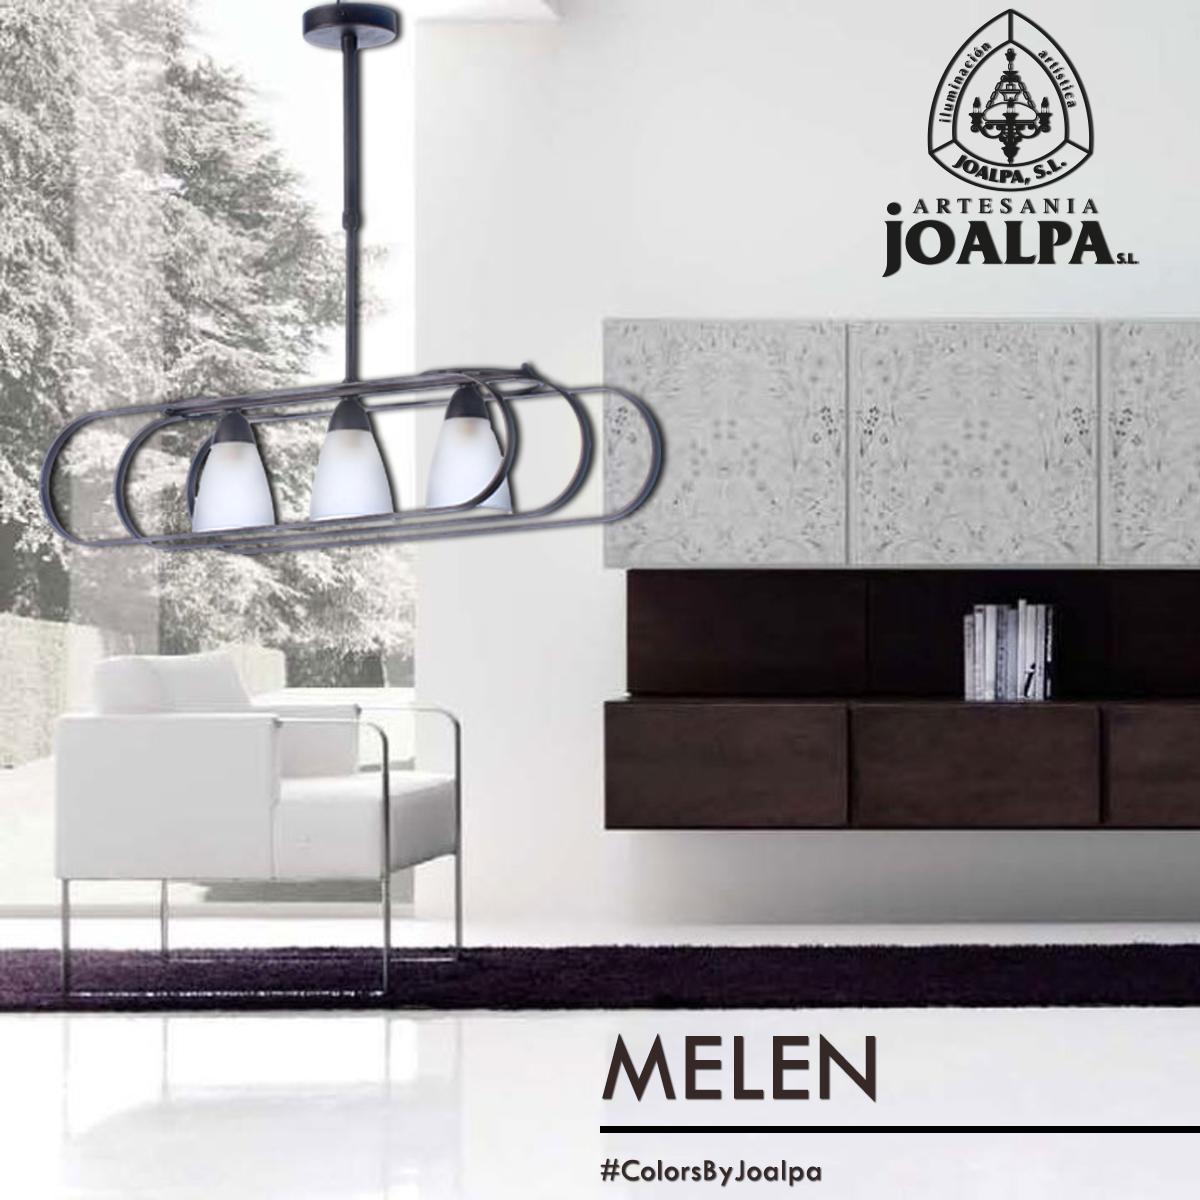 Máxima belleza en el mínimo espacio, minimalismo 100% artesano. #ColorsByJoalpa